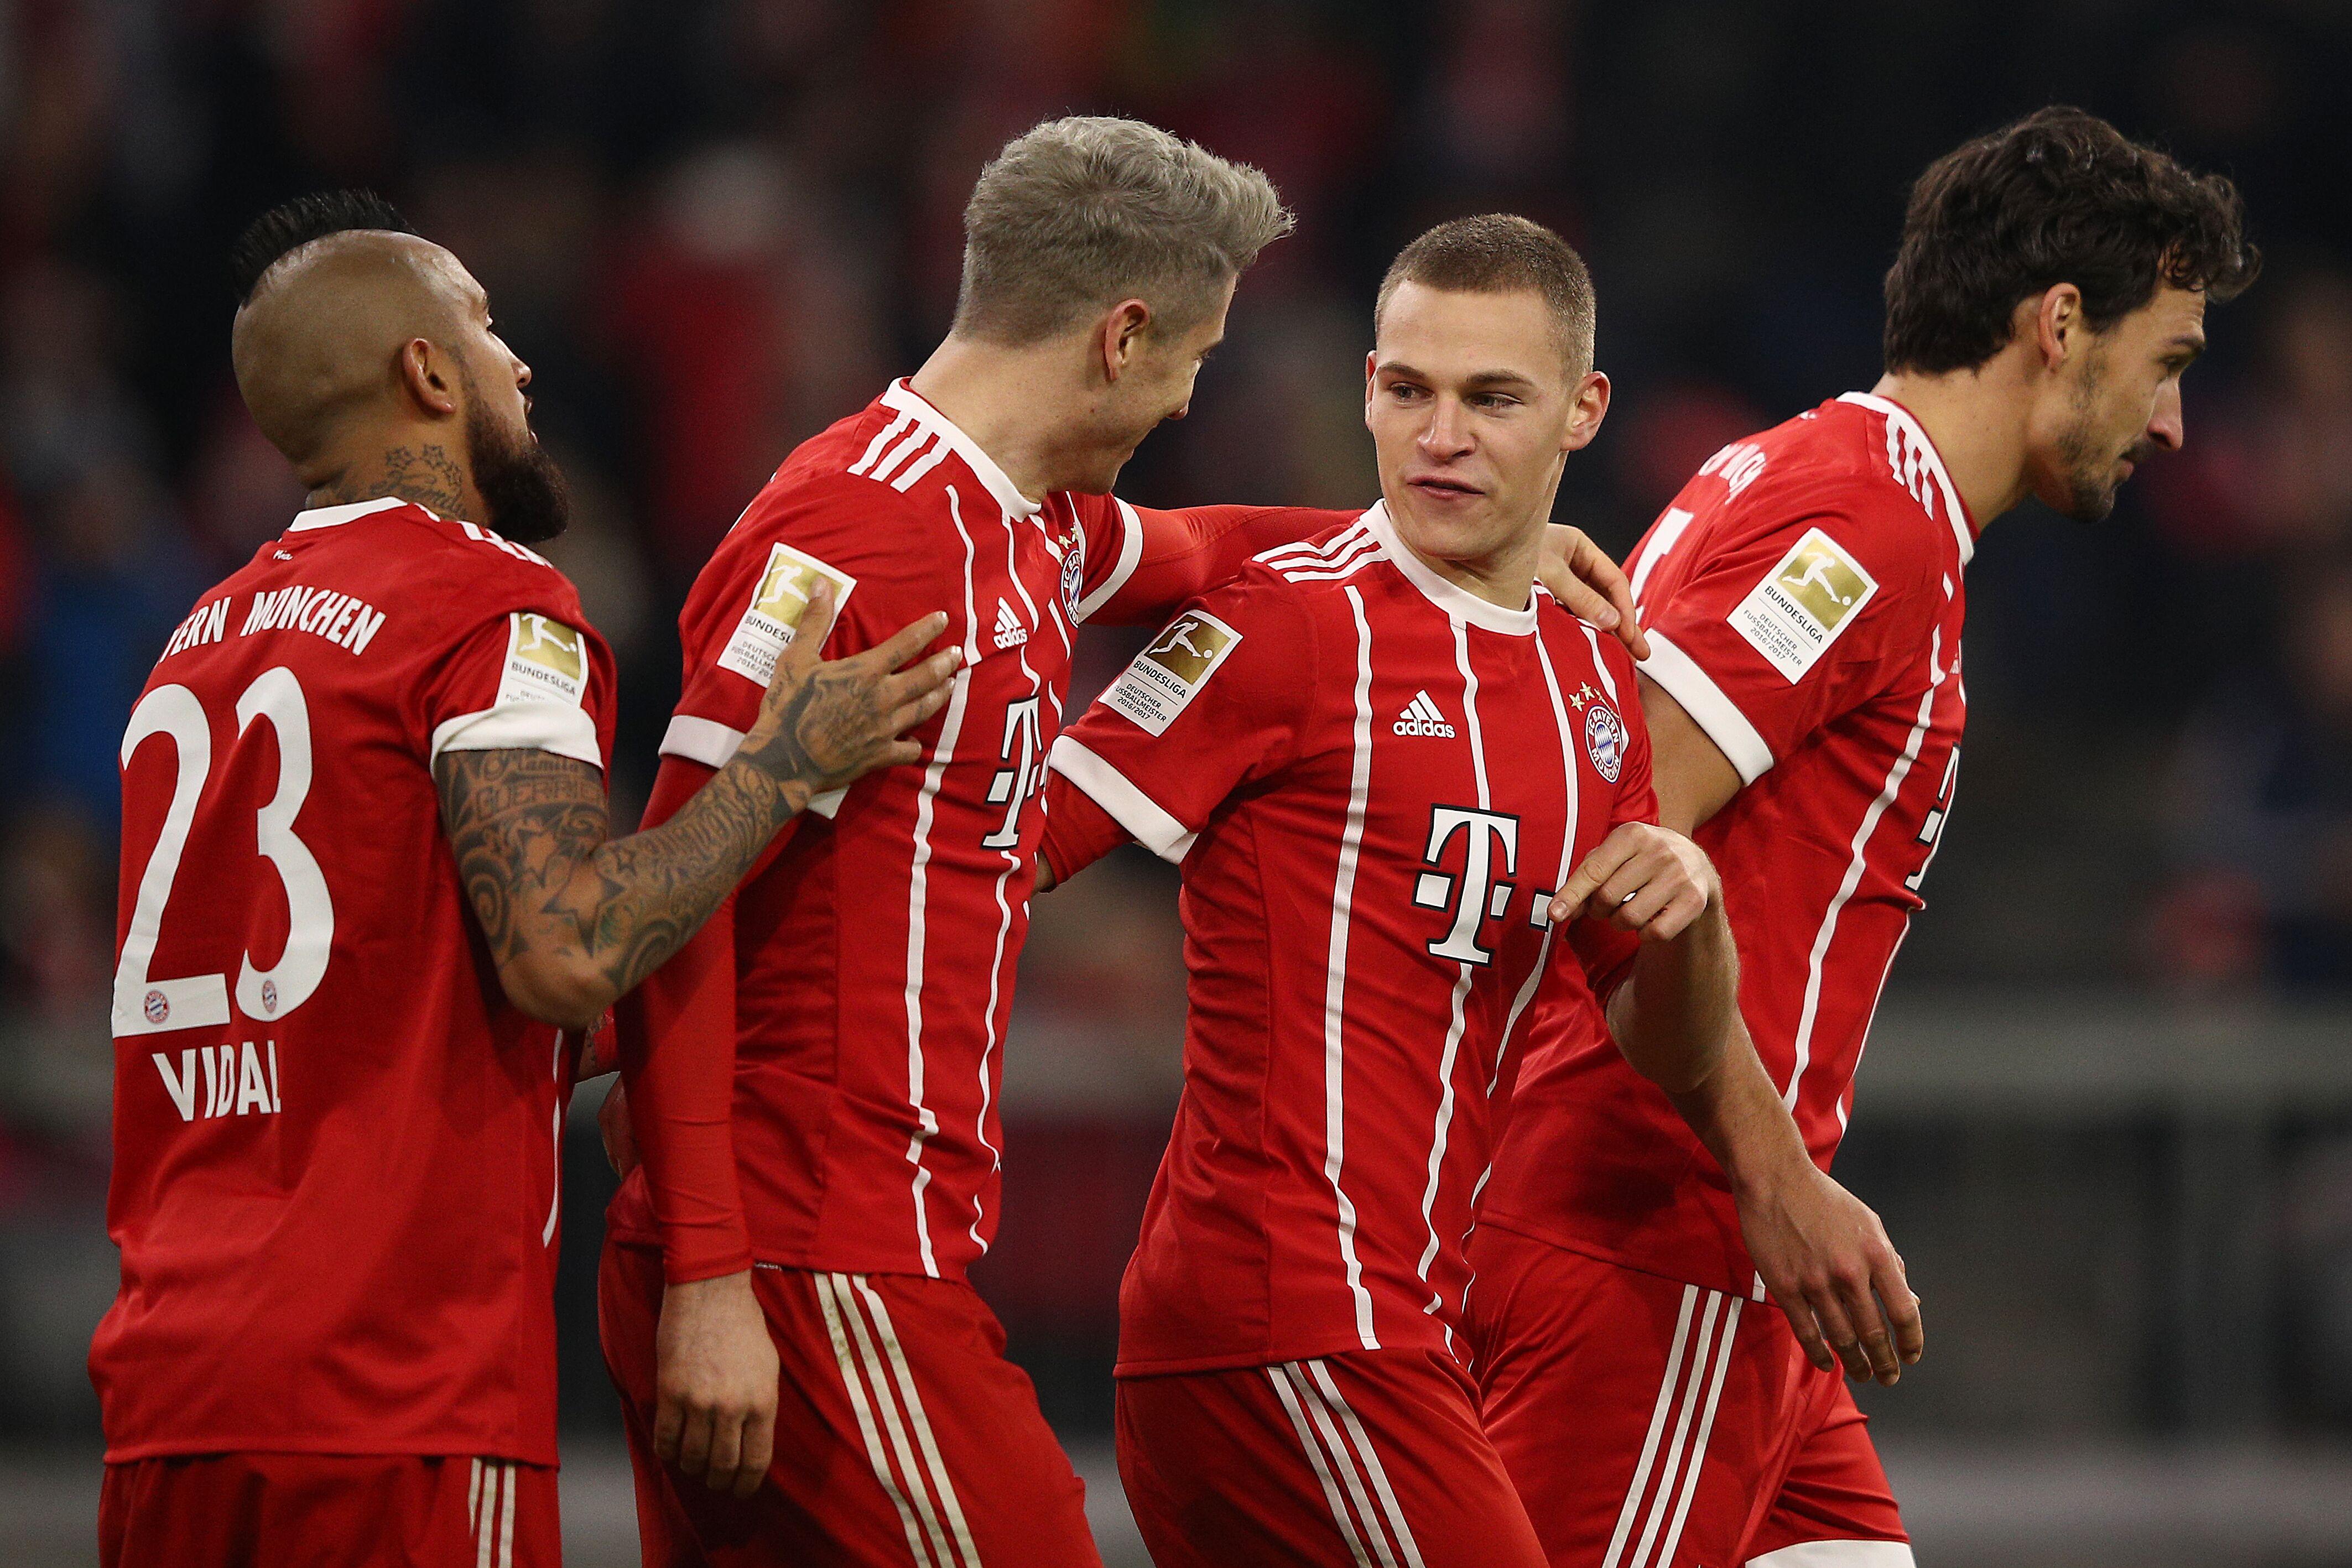 Three Bayern Munich players make UEFA team of the year shortlist